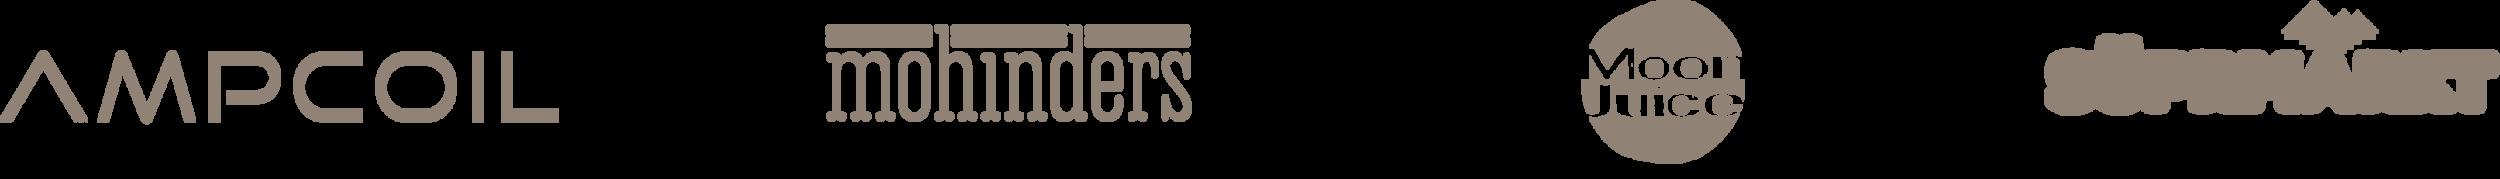 logosbr1.png